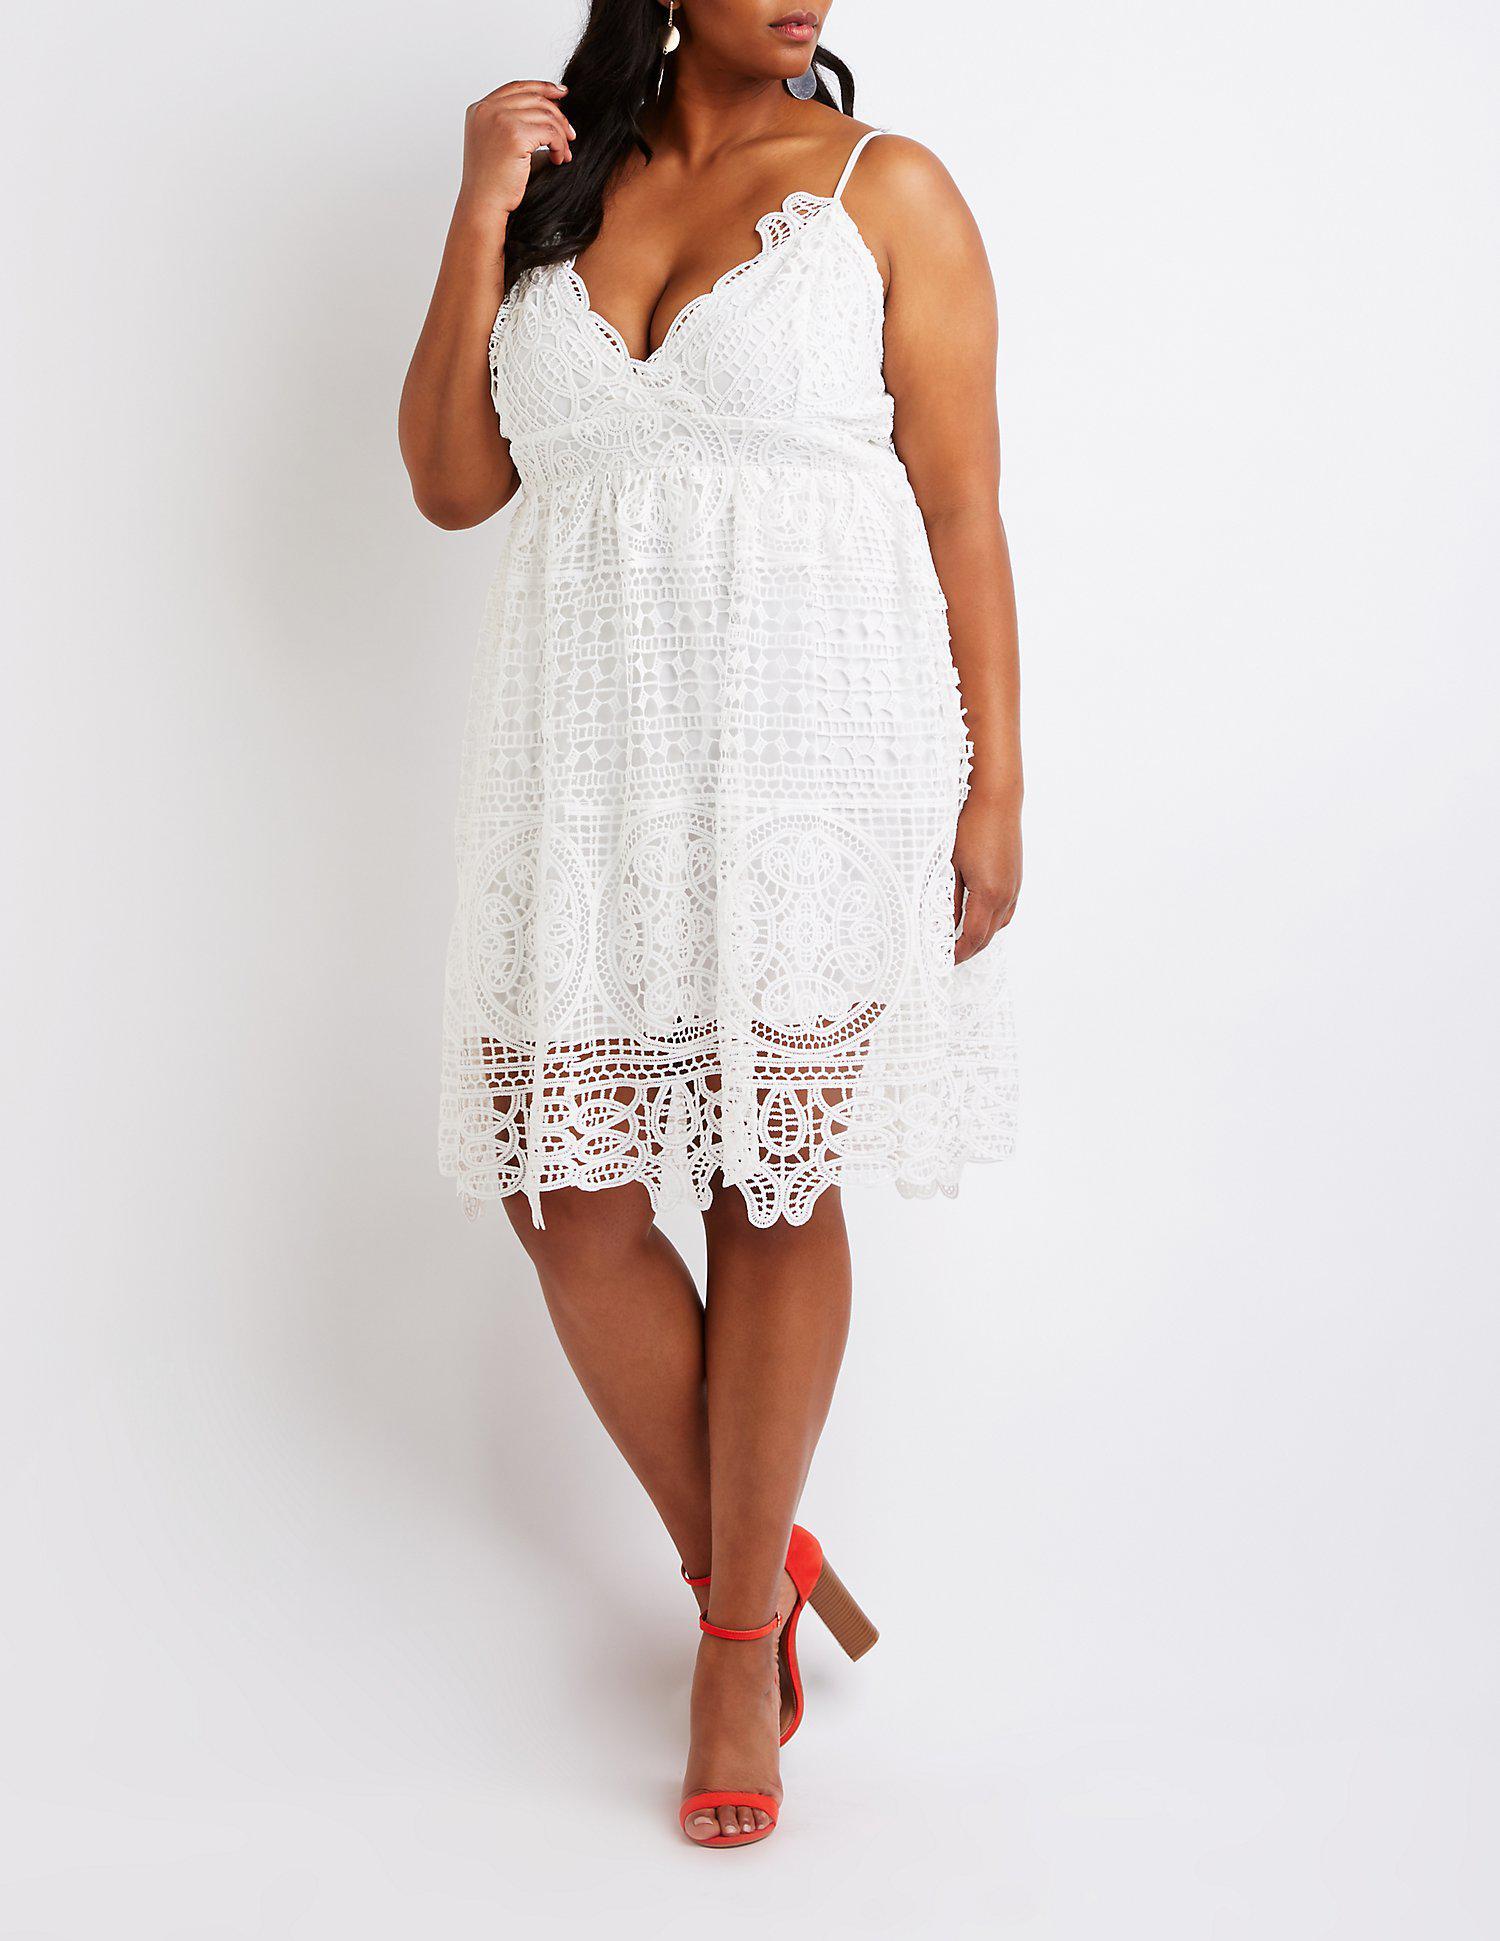 Lyst - Charlotte Russe Plus Size Crochet Skater Dress in White